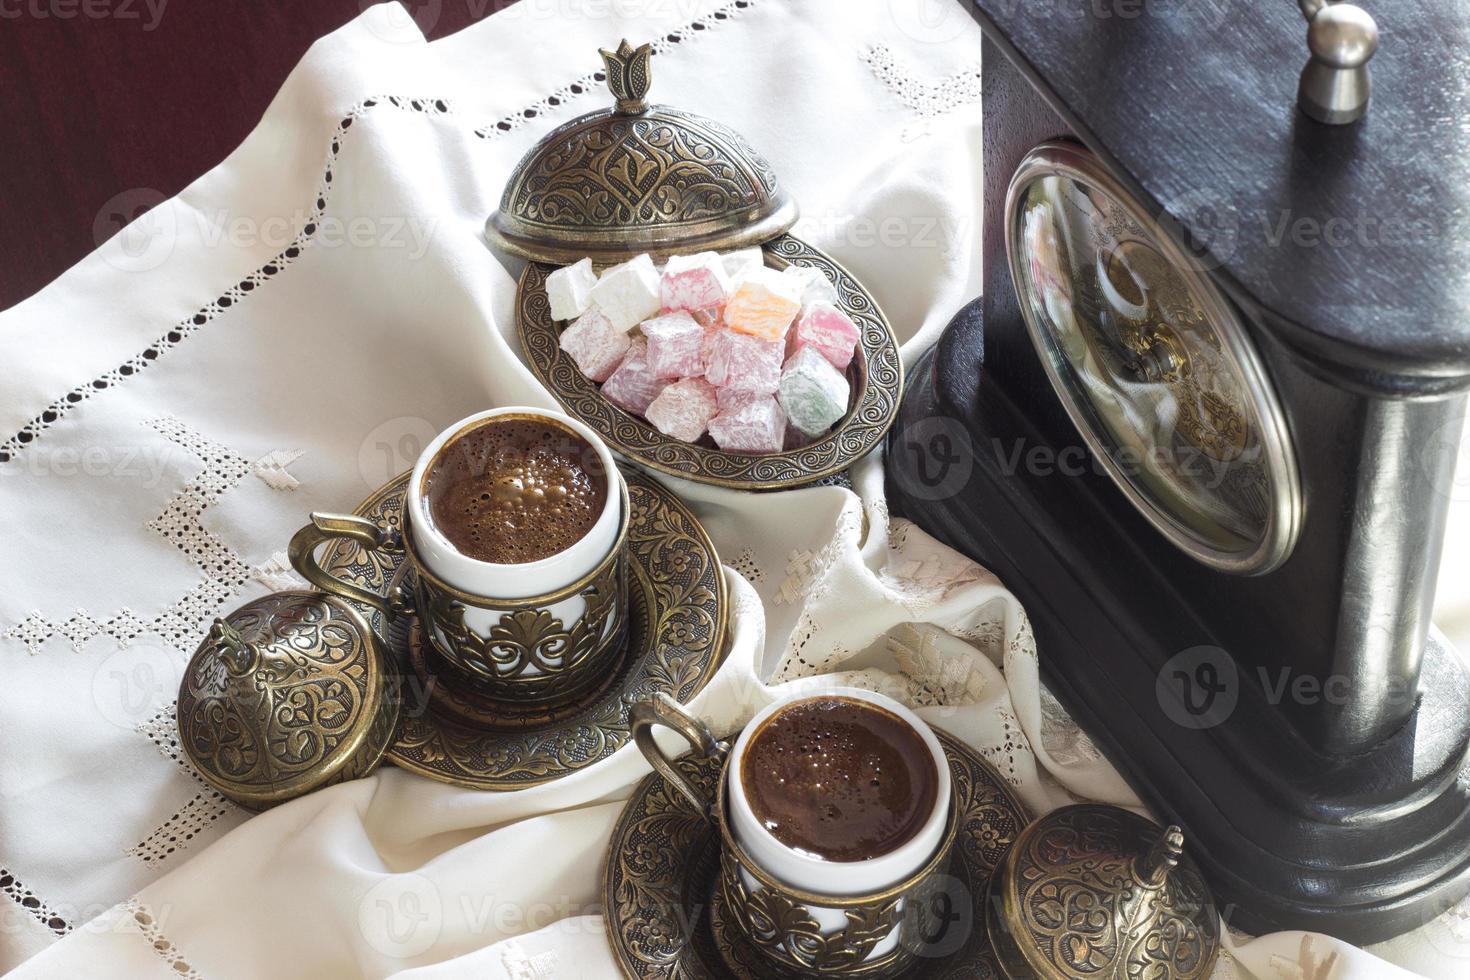 caffè turco con delizia e servizio tradizionale, orologio vintage foto